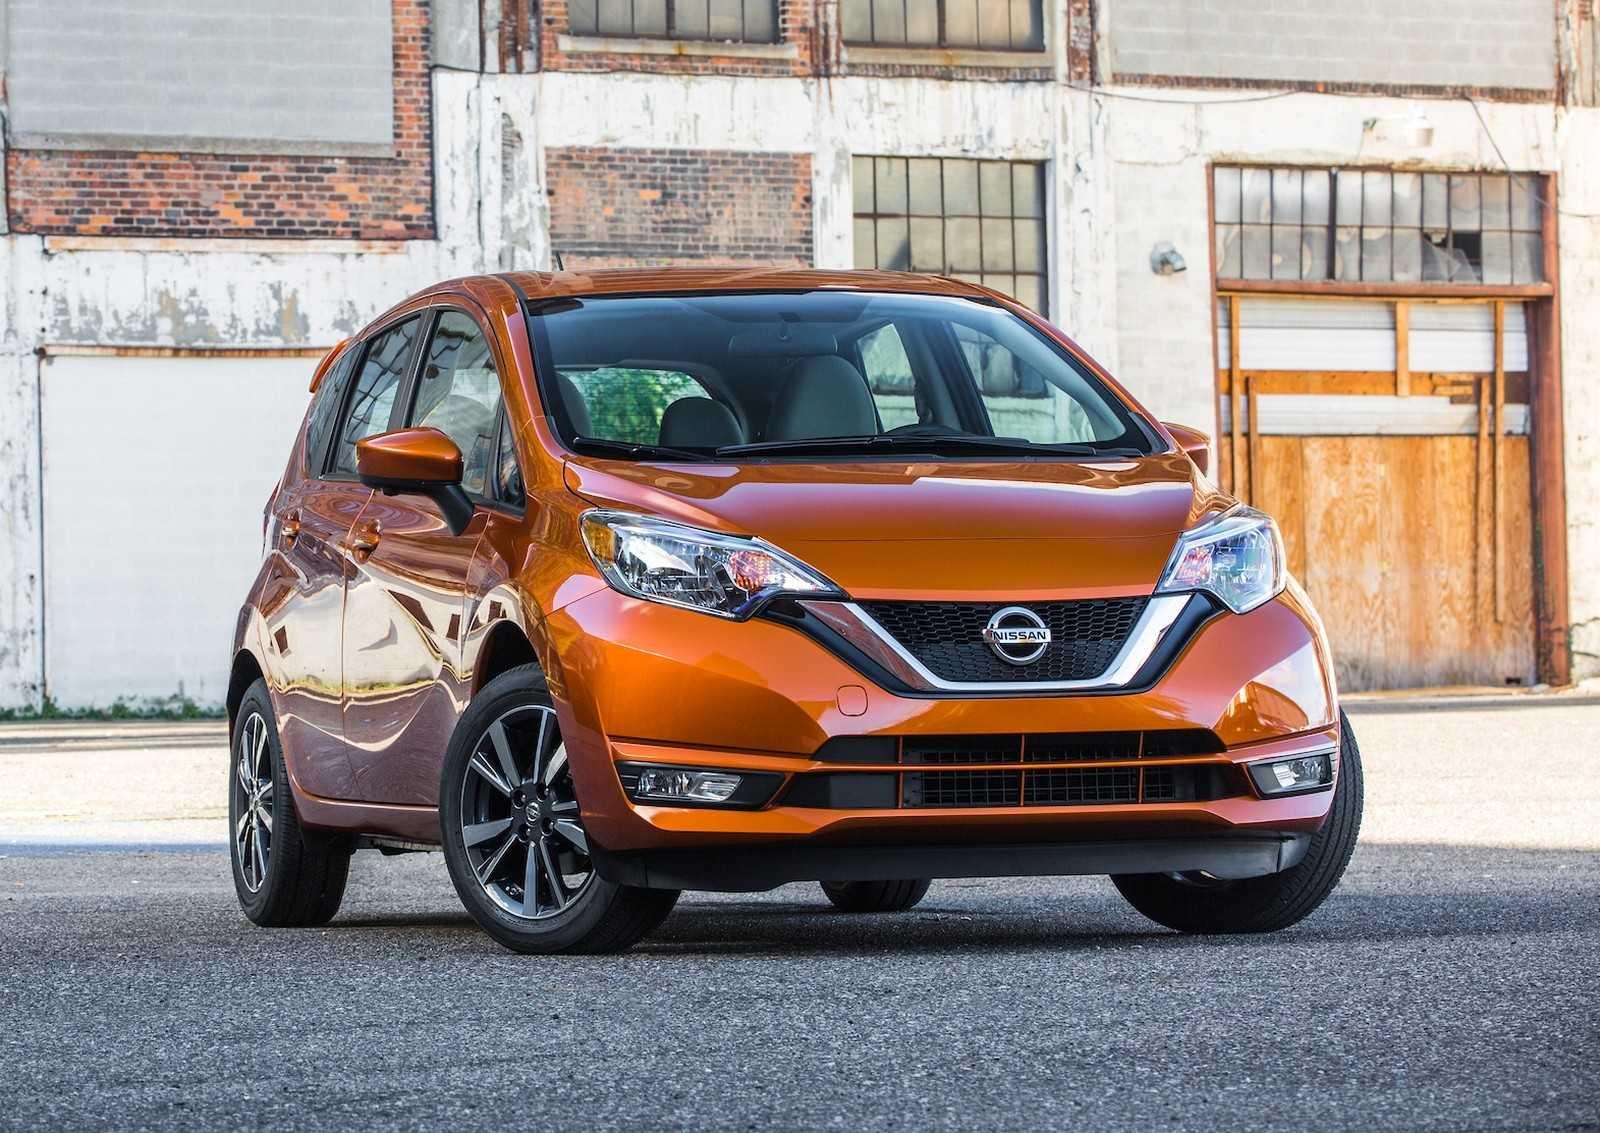 Nissan Note (2013-2016) E12 цена, технические характеристики, фото, видео тест-драйв